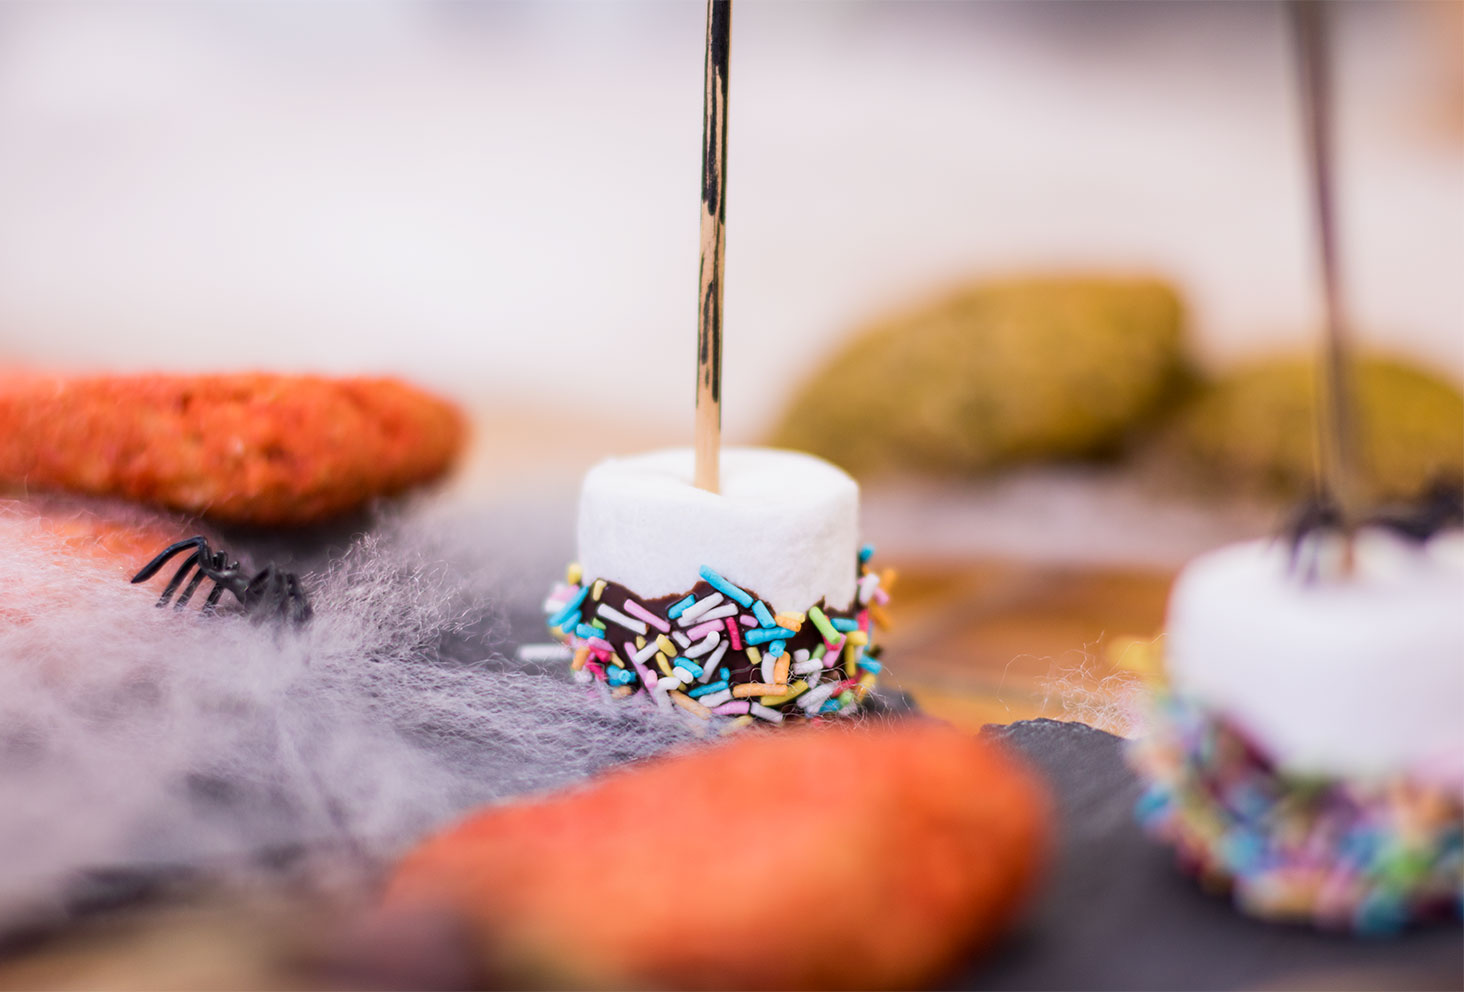 Zoom sur le chamallow enrobé de chocolat en forme de balais de sorcière pour le goûter d'Halloween